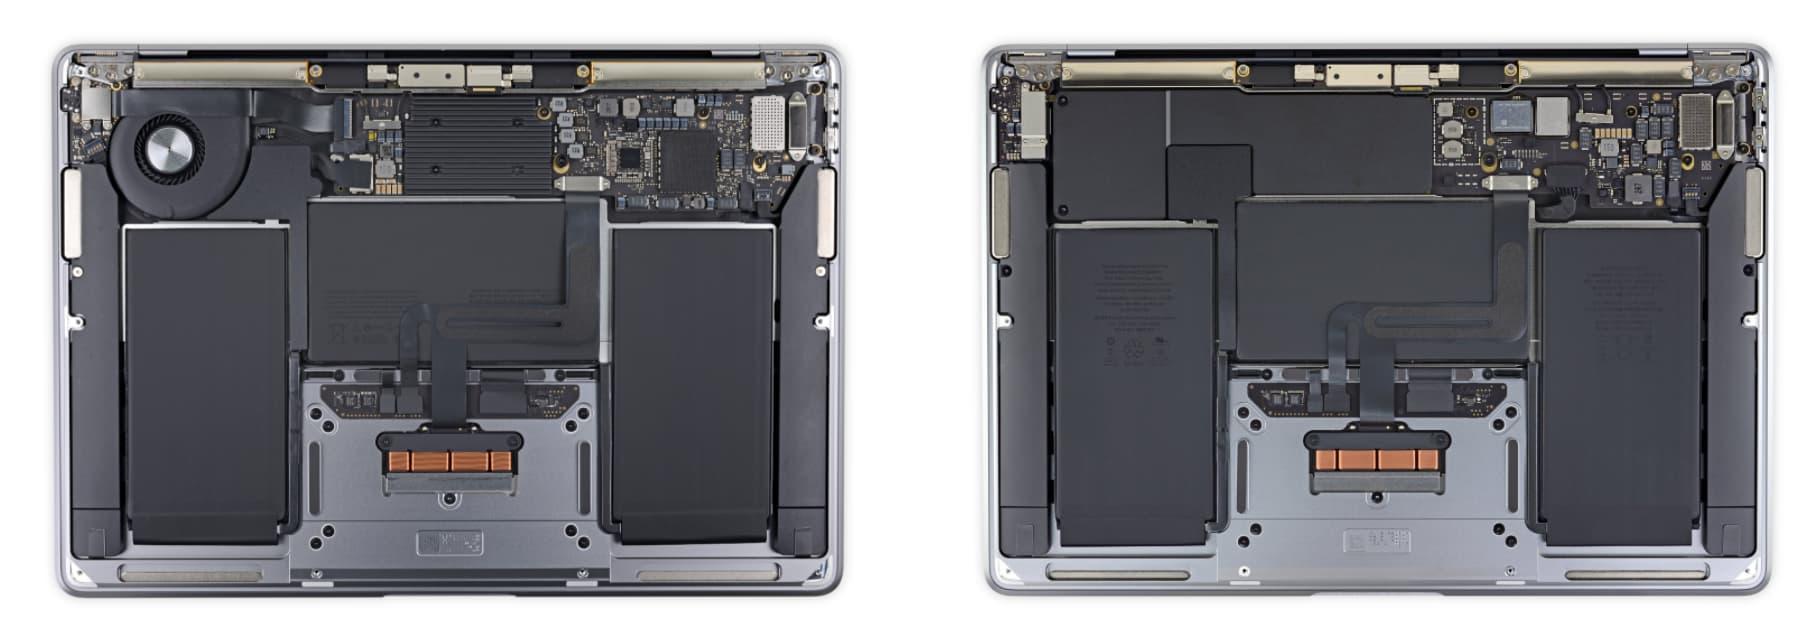 左:2020年初的MacBook Air、右:無風扇的新款MacBook Air。